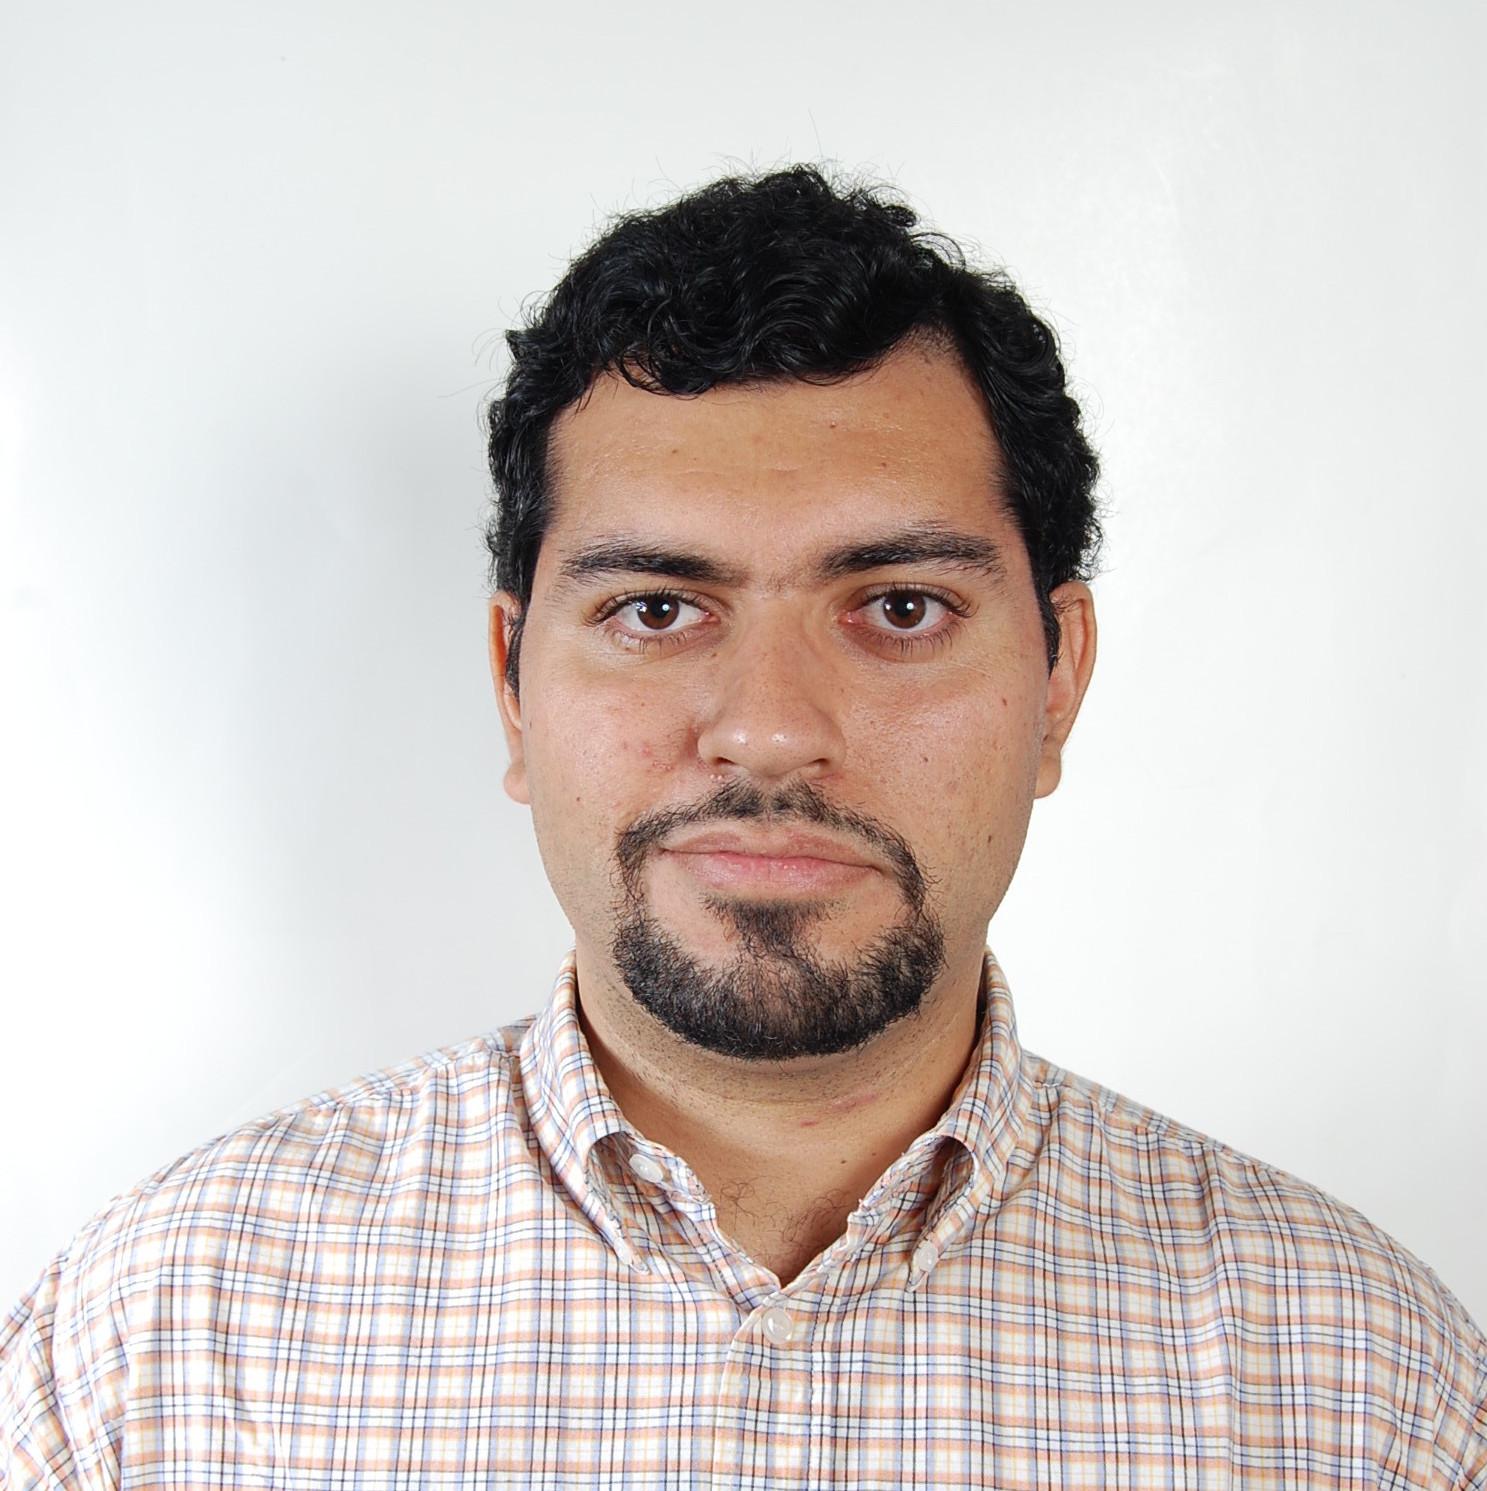 Patricio Mendoza